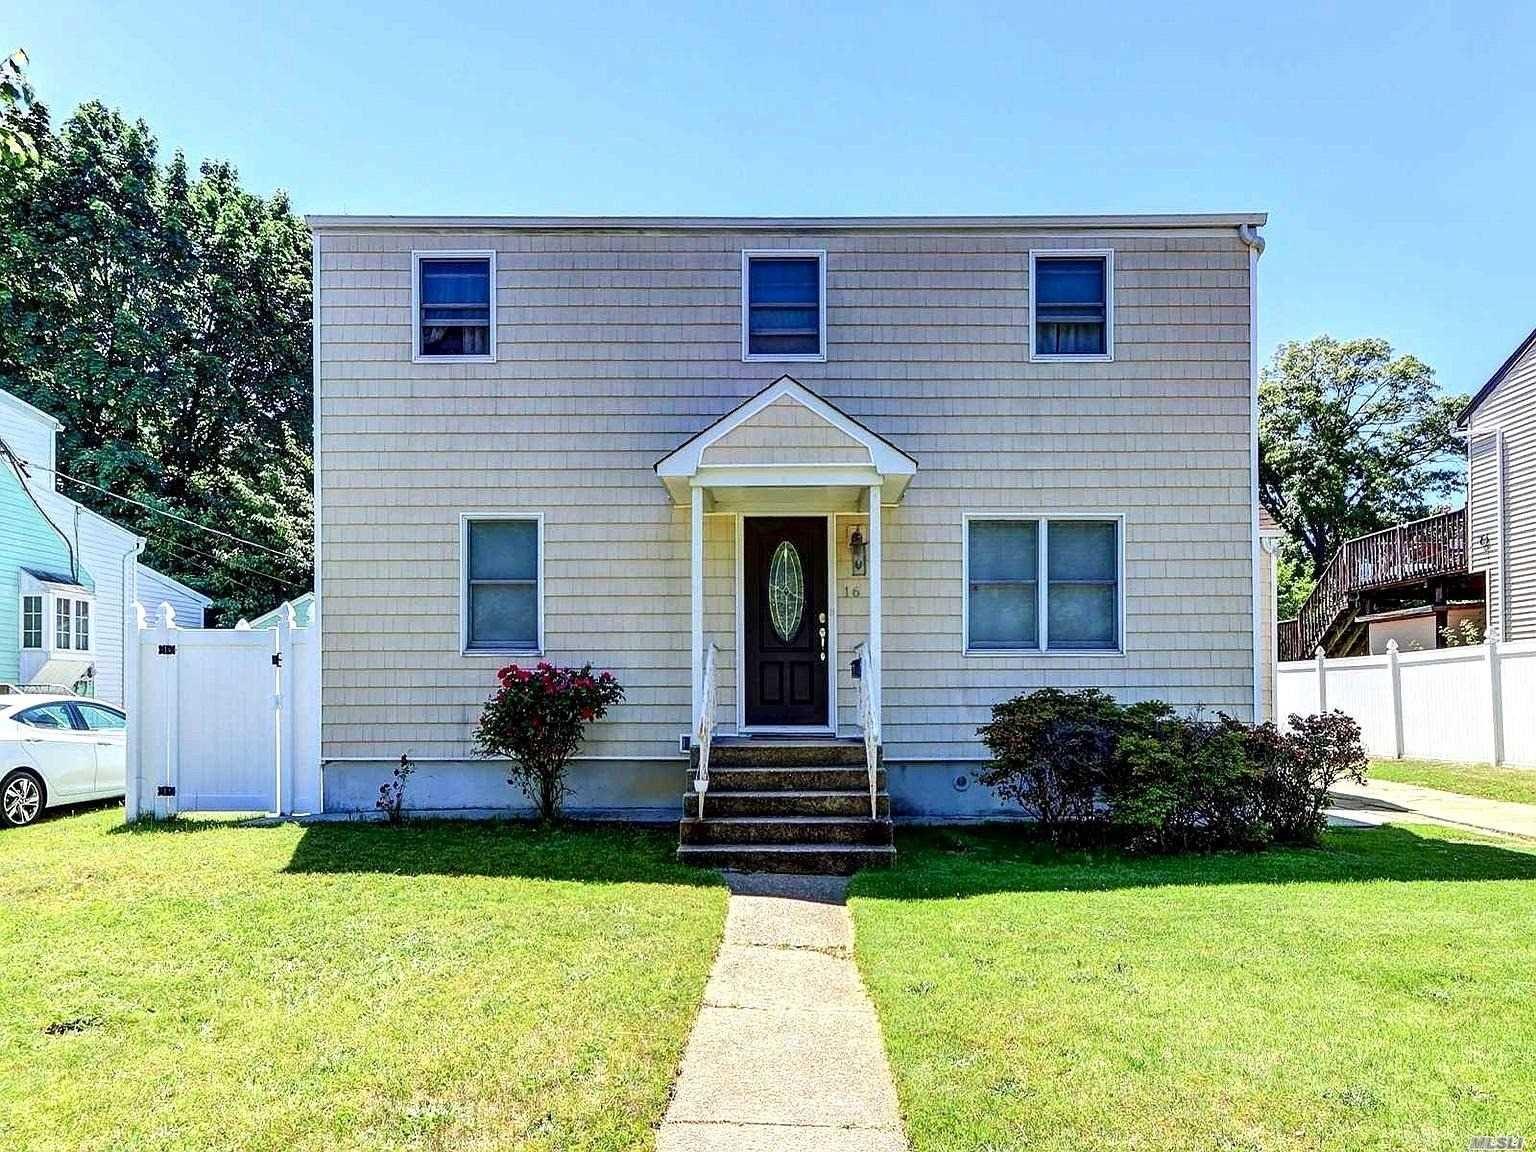 16 Garden Blvd, Hicksville, NY 11801 - MLS#: 3222774